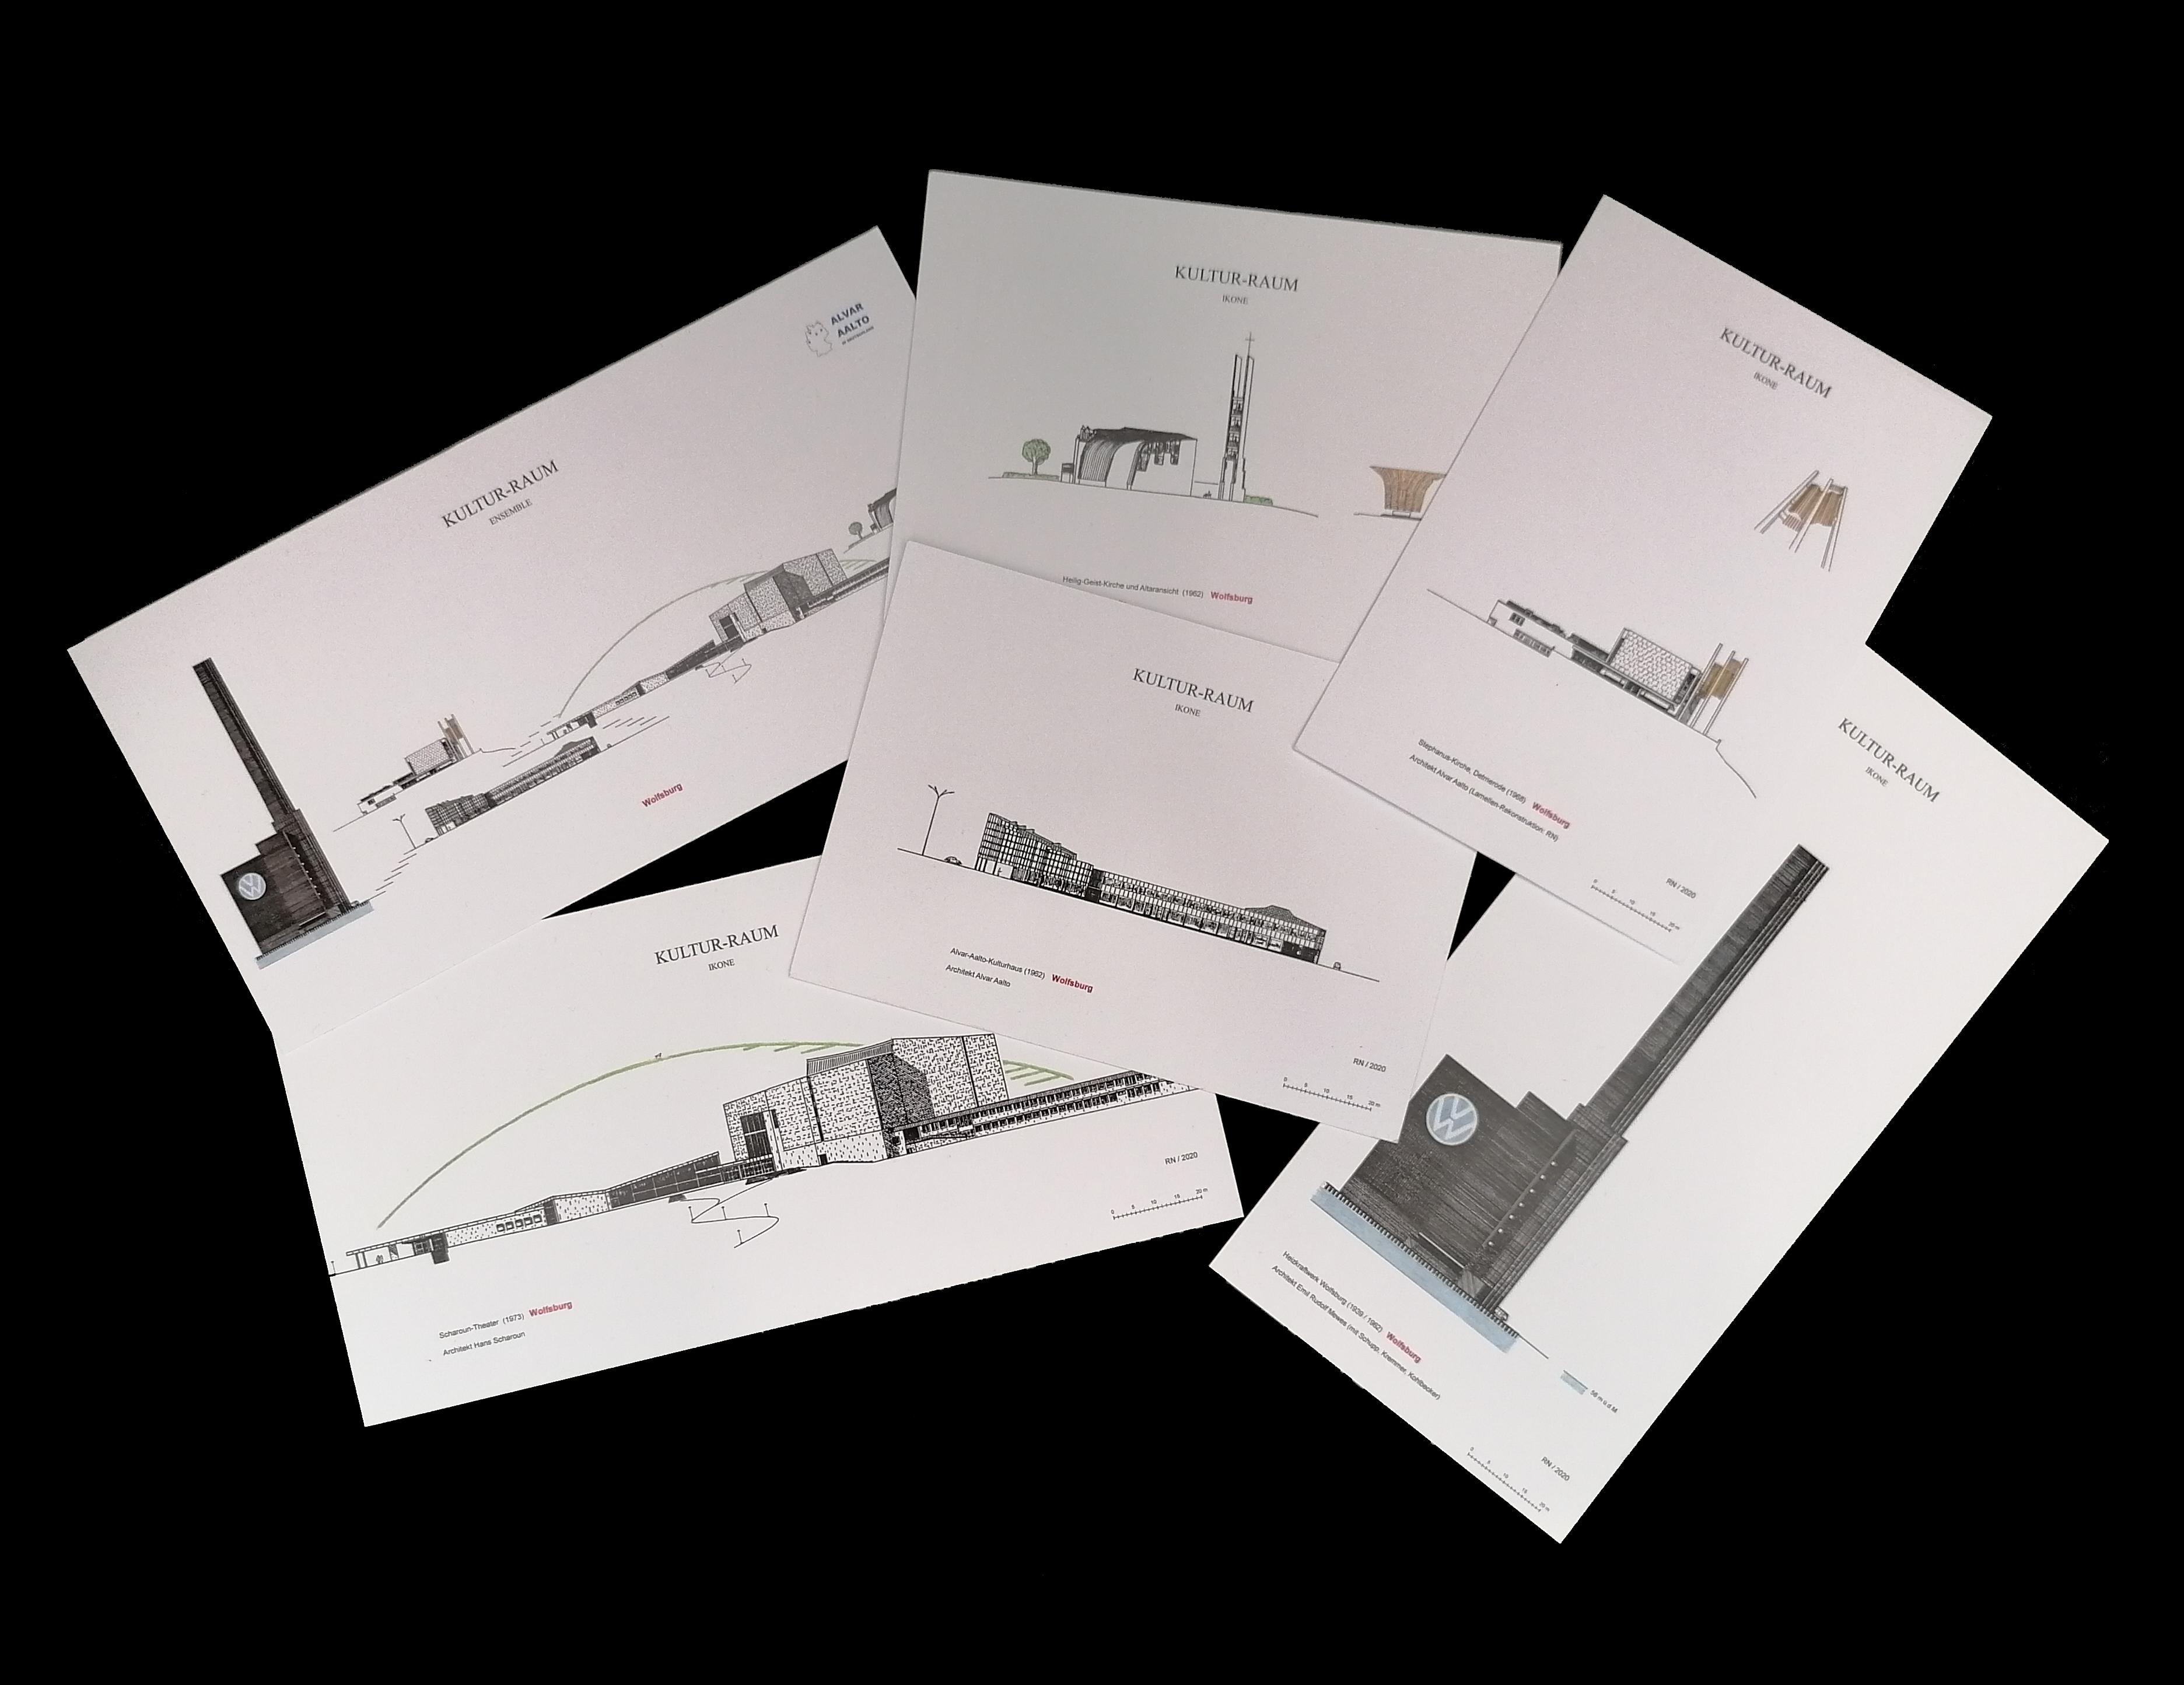 Das Bild zeigt ein 6er-Postkarten-Set der Reihe Kultur-Raum Ikonen mit Zeichnungen architektonischer Ikonen in Wolfsburg.